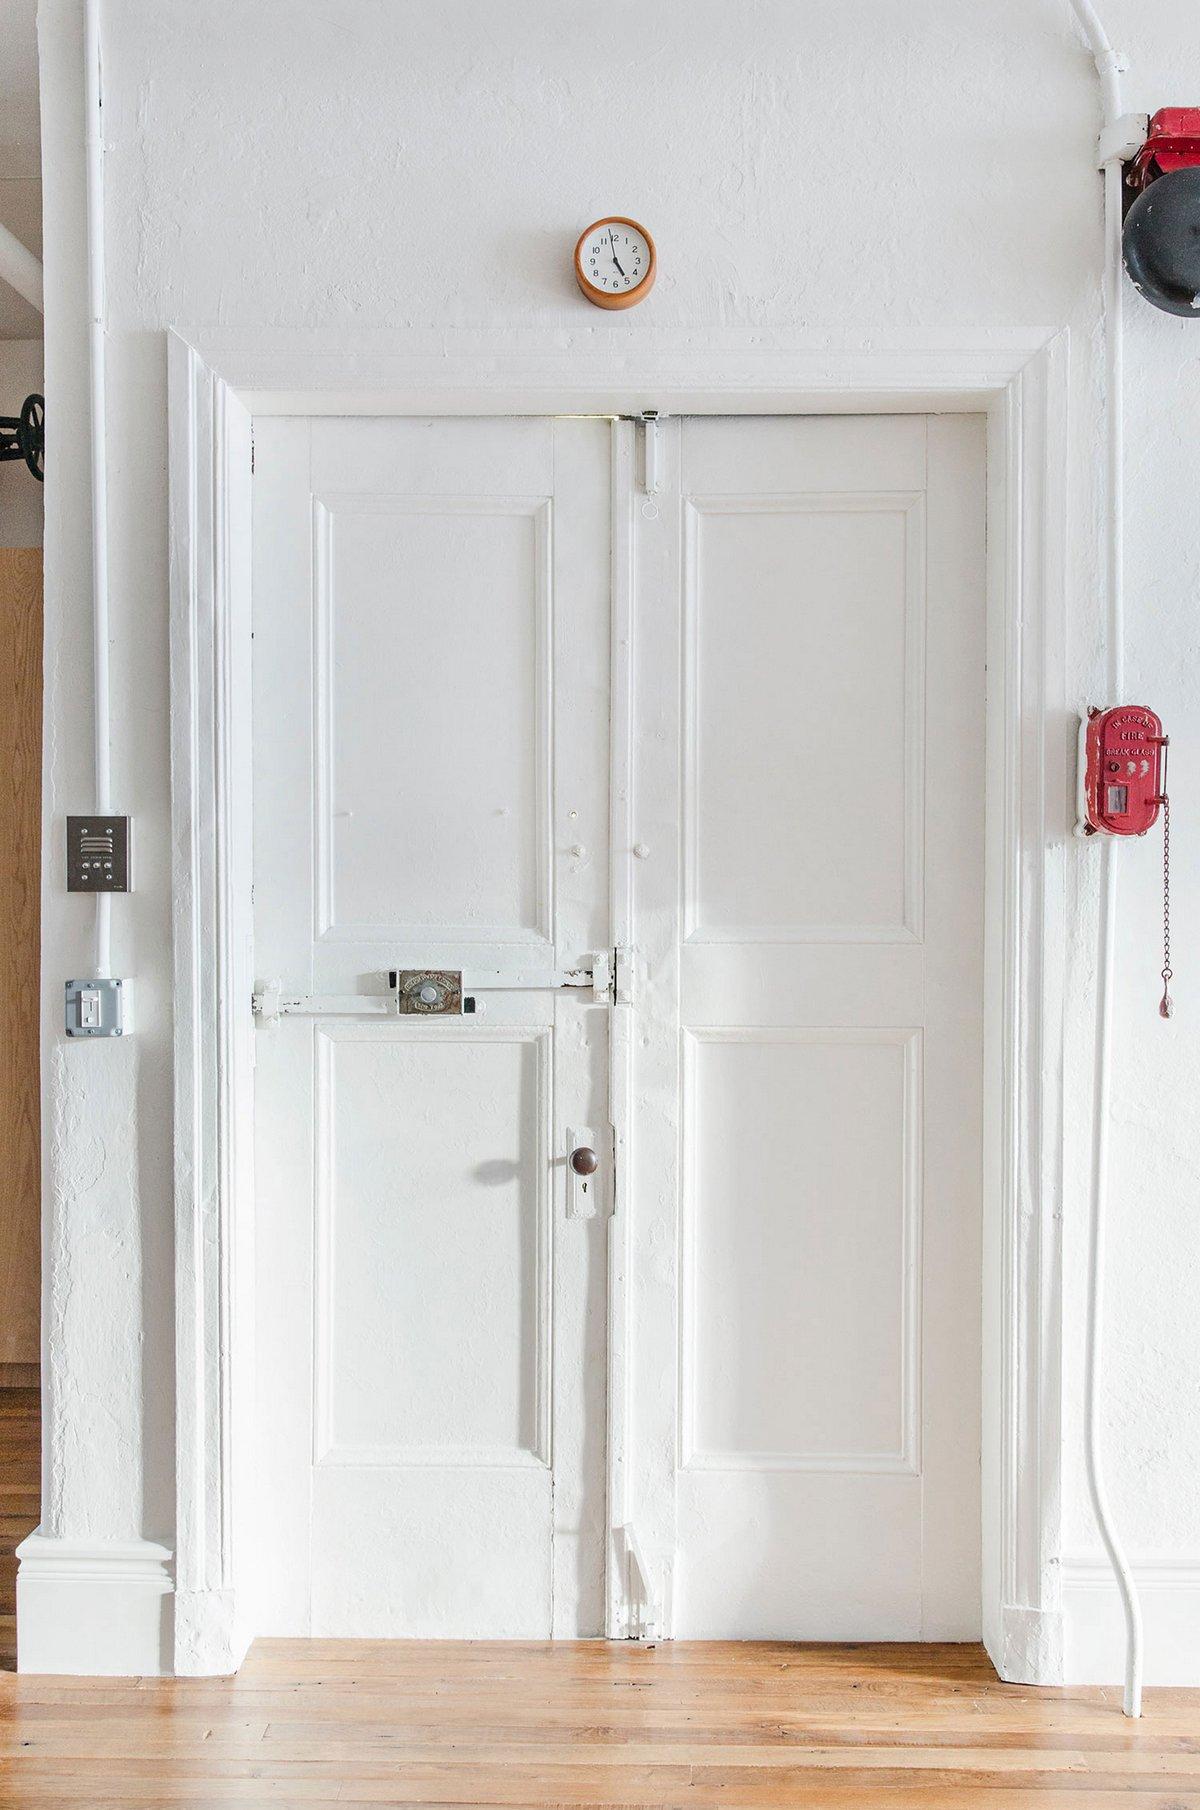 Двухстворчатая дверь в интерьере квартиры